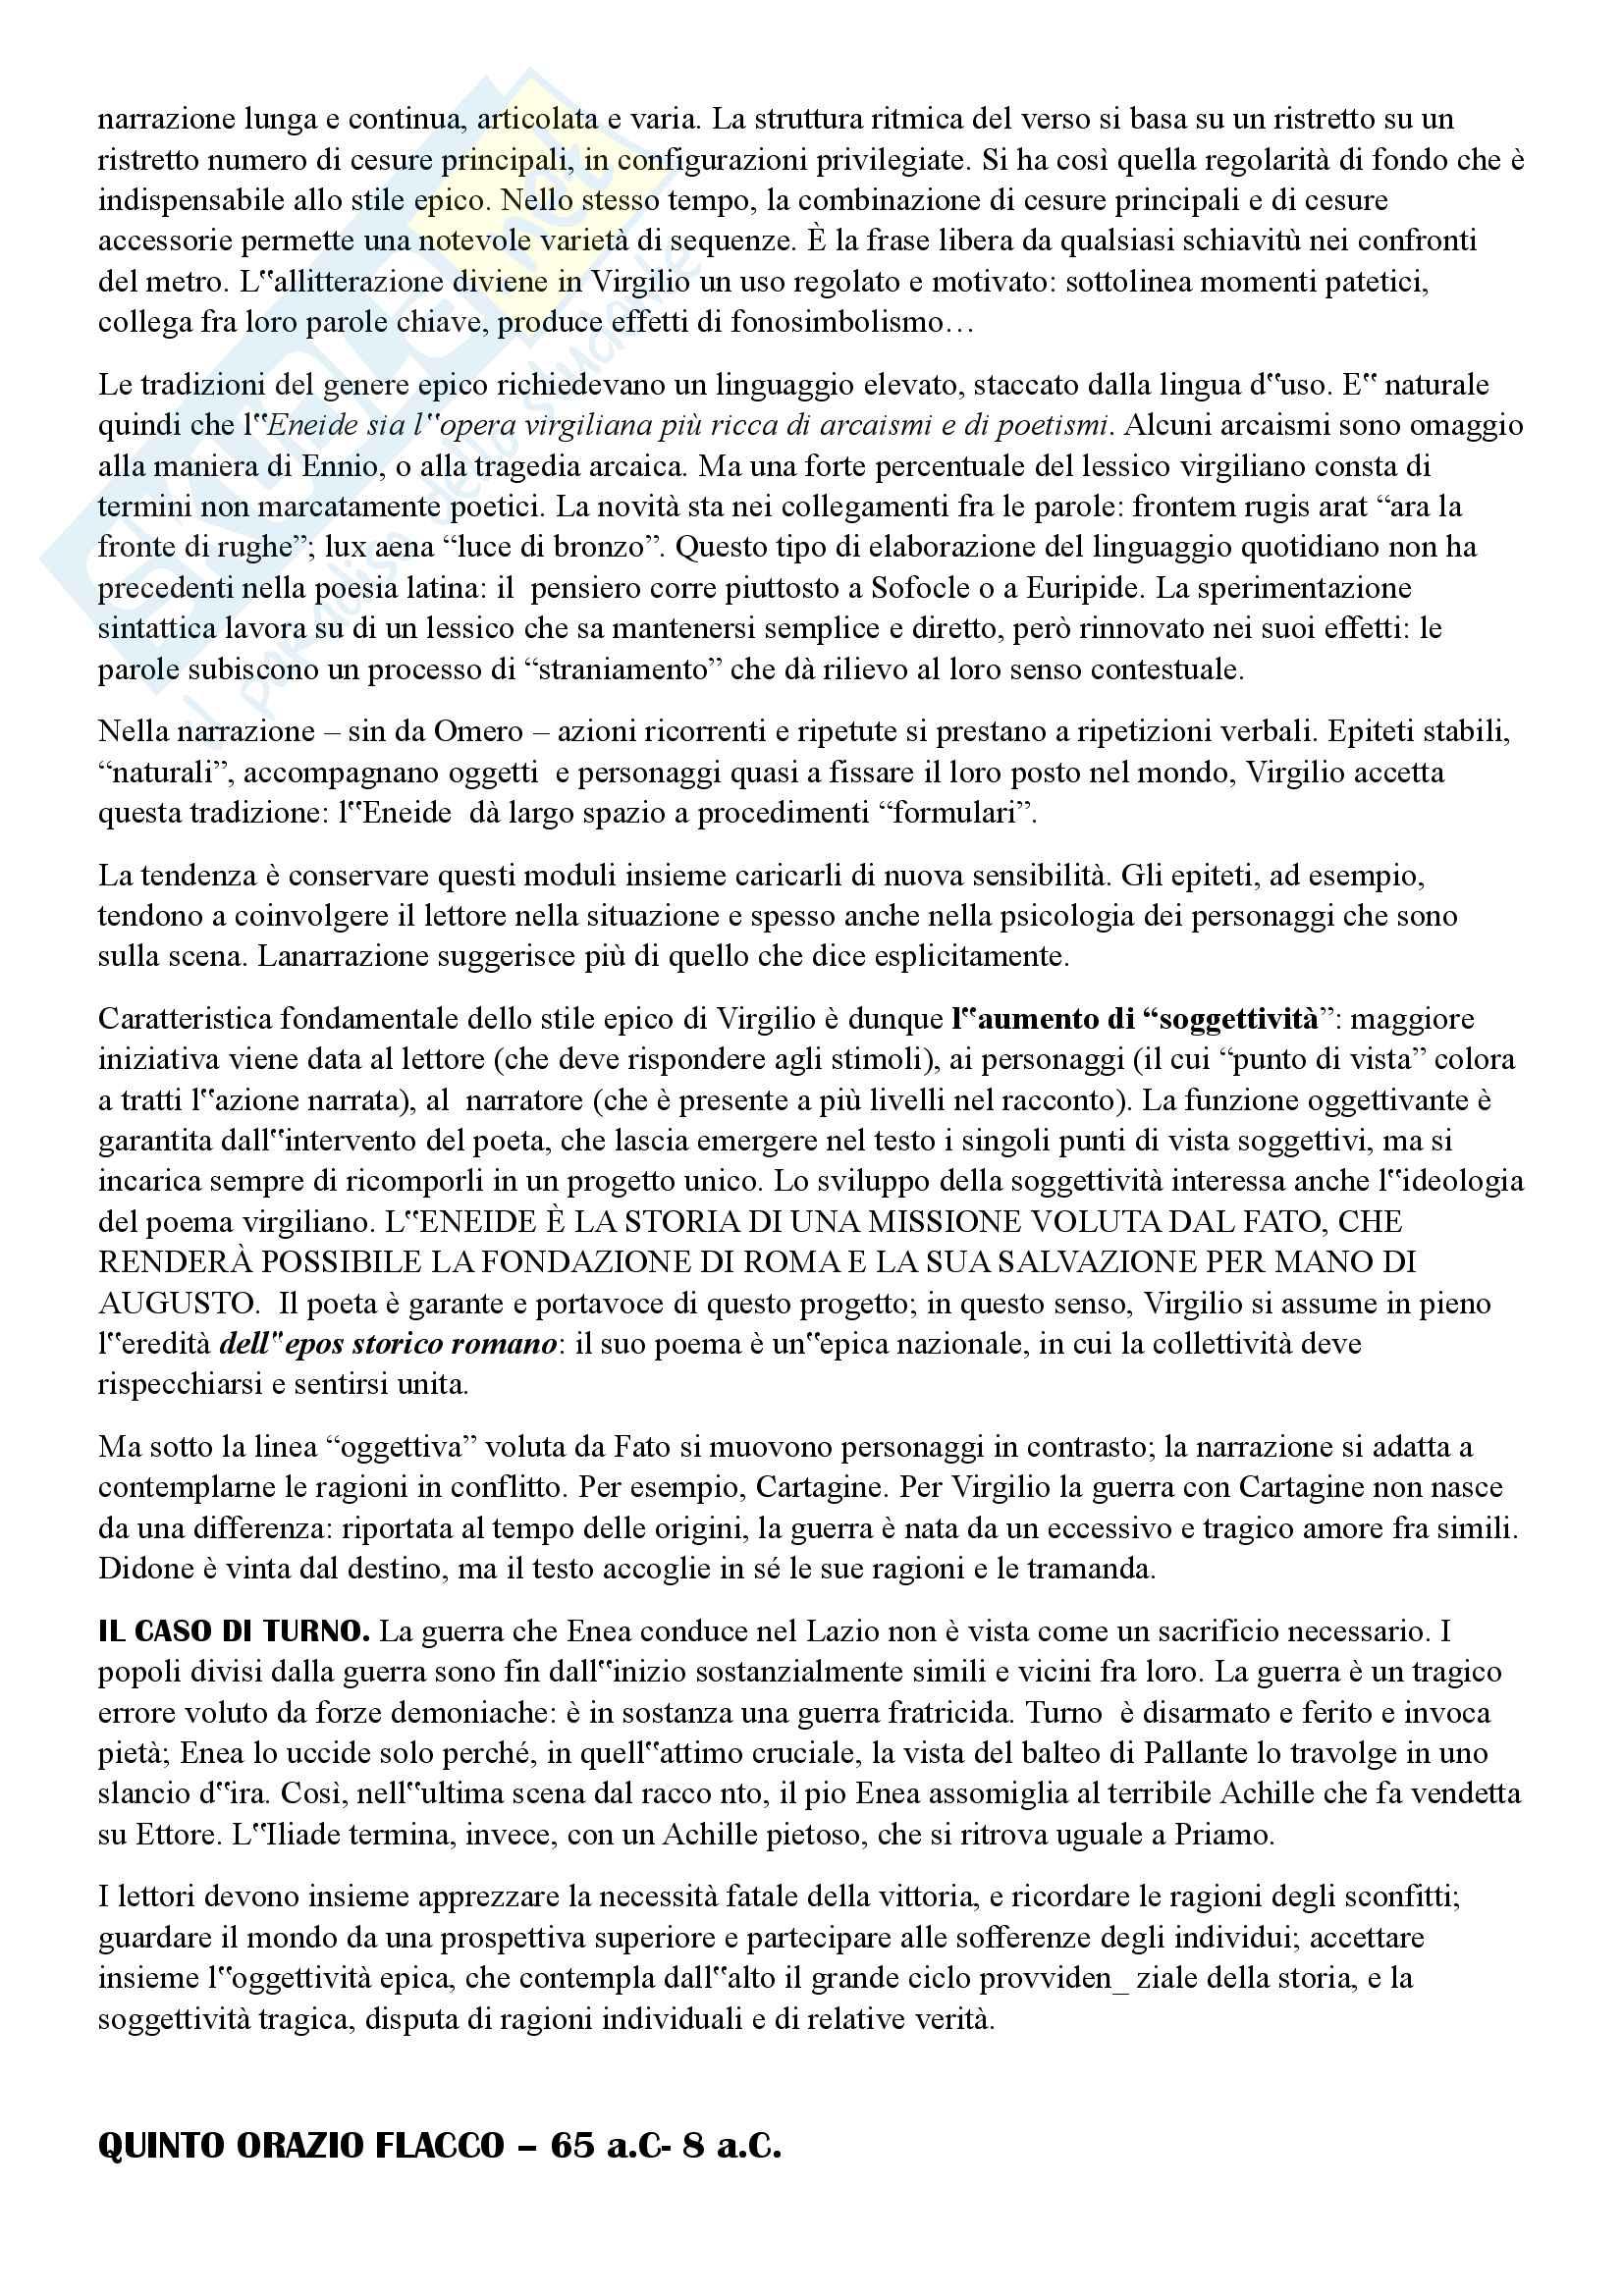 Letteratura latina Dalle origini all'età augustea Pag. 46